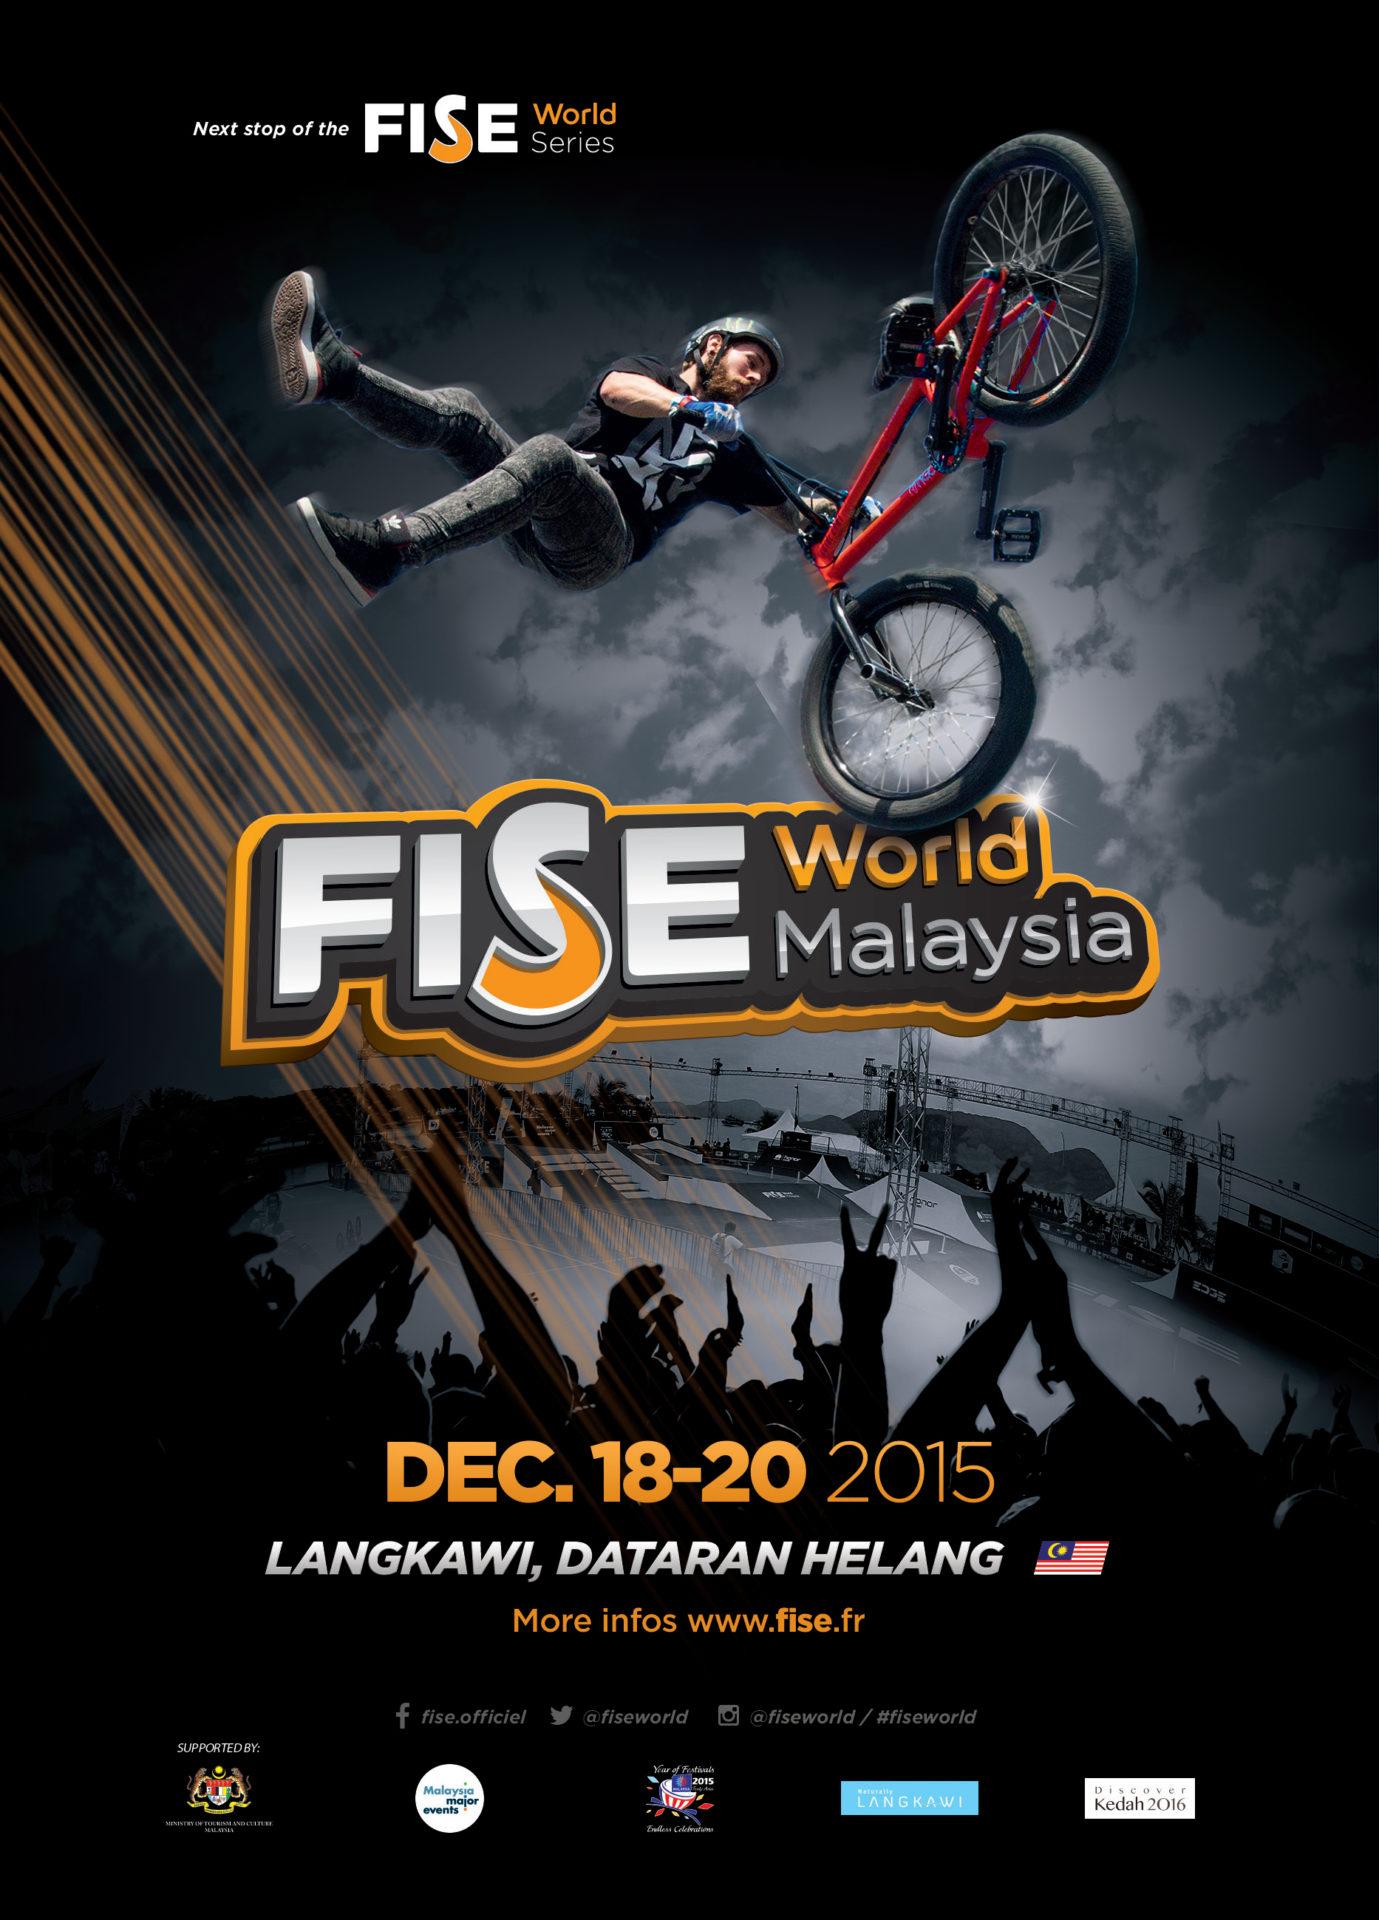 fise malaysia 2015